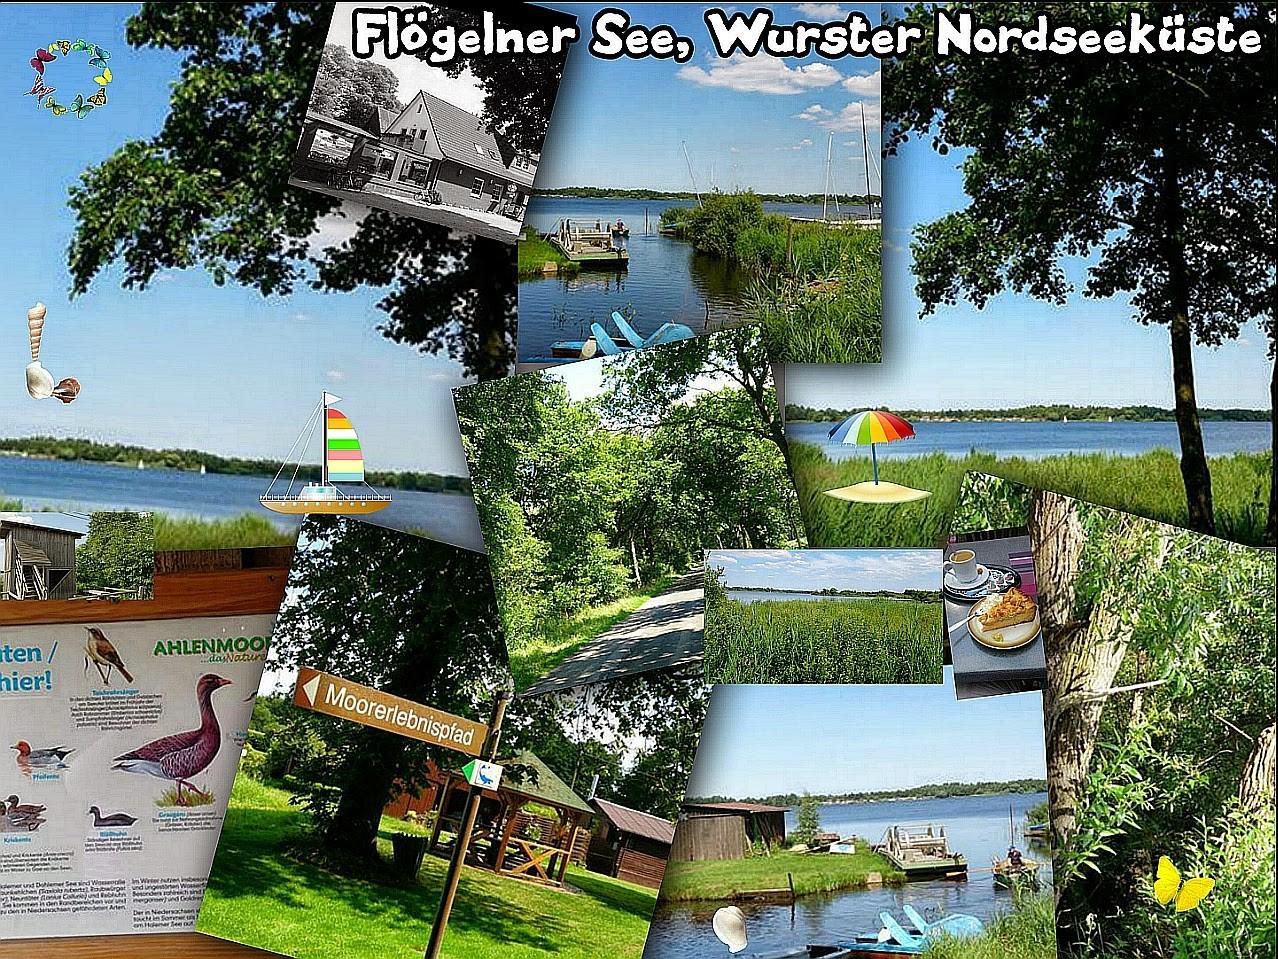 ~ Bild: 'Flögelner See' (Wurster Nodseeküste), 2014 ~